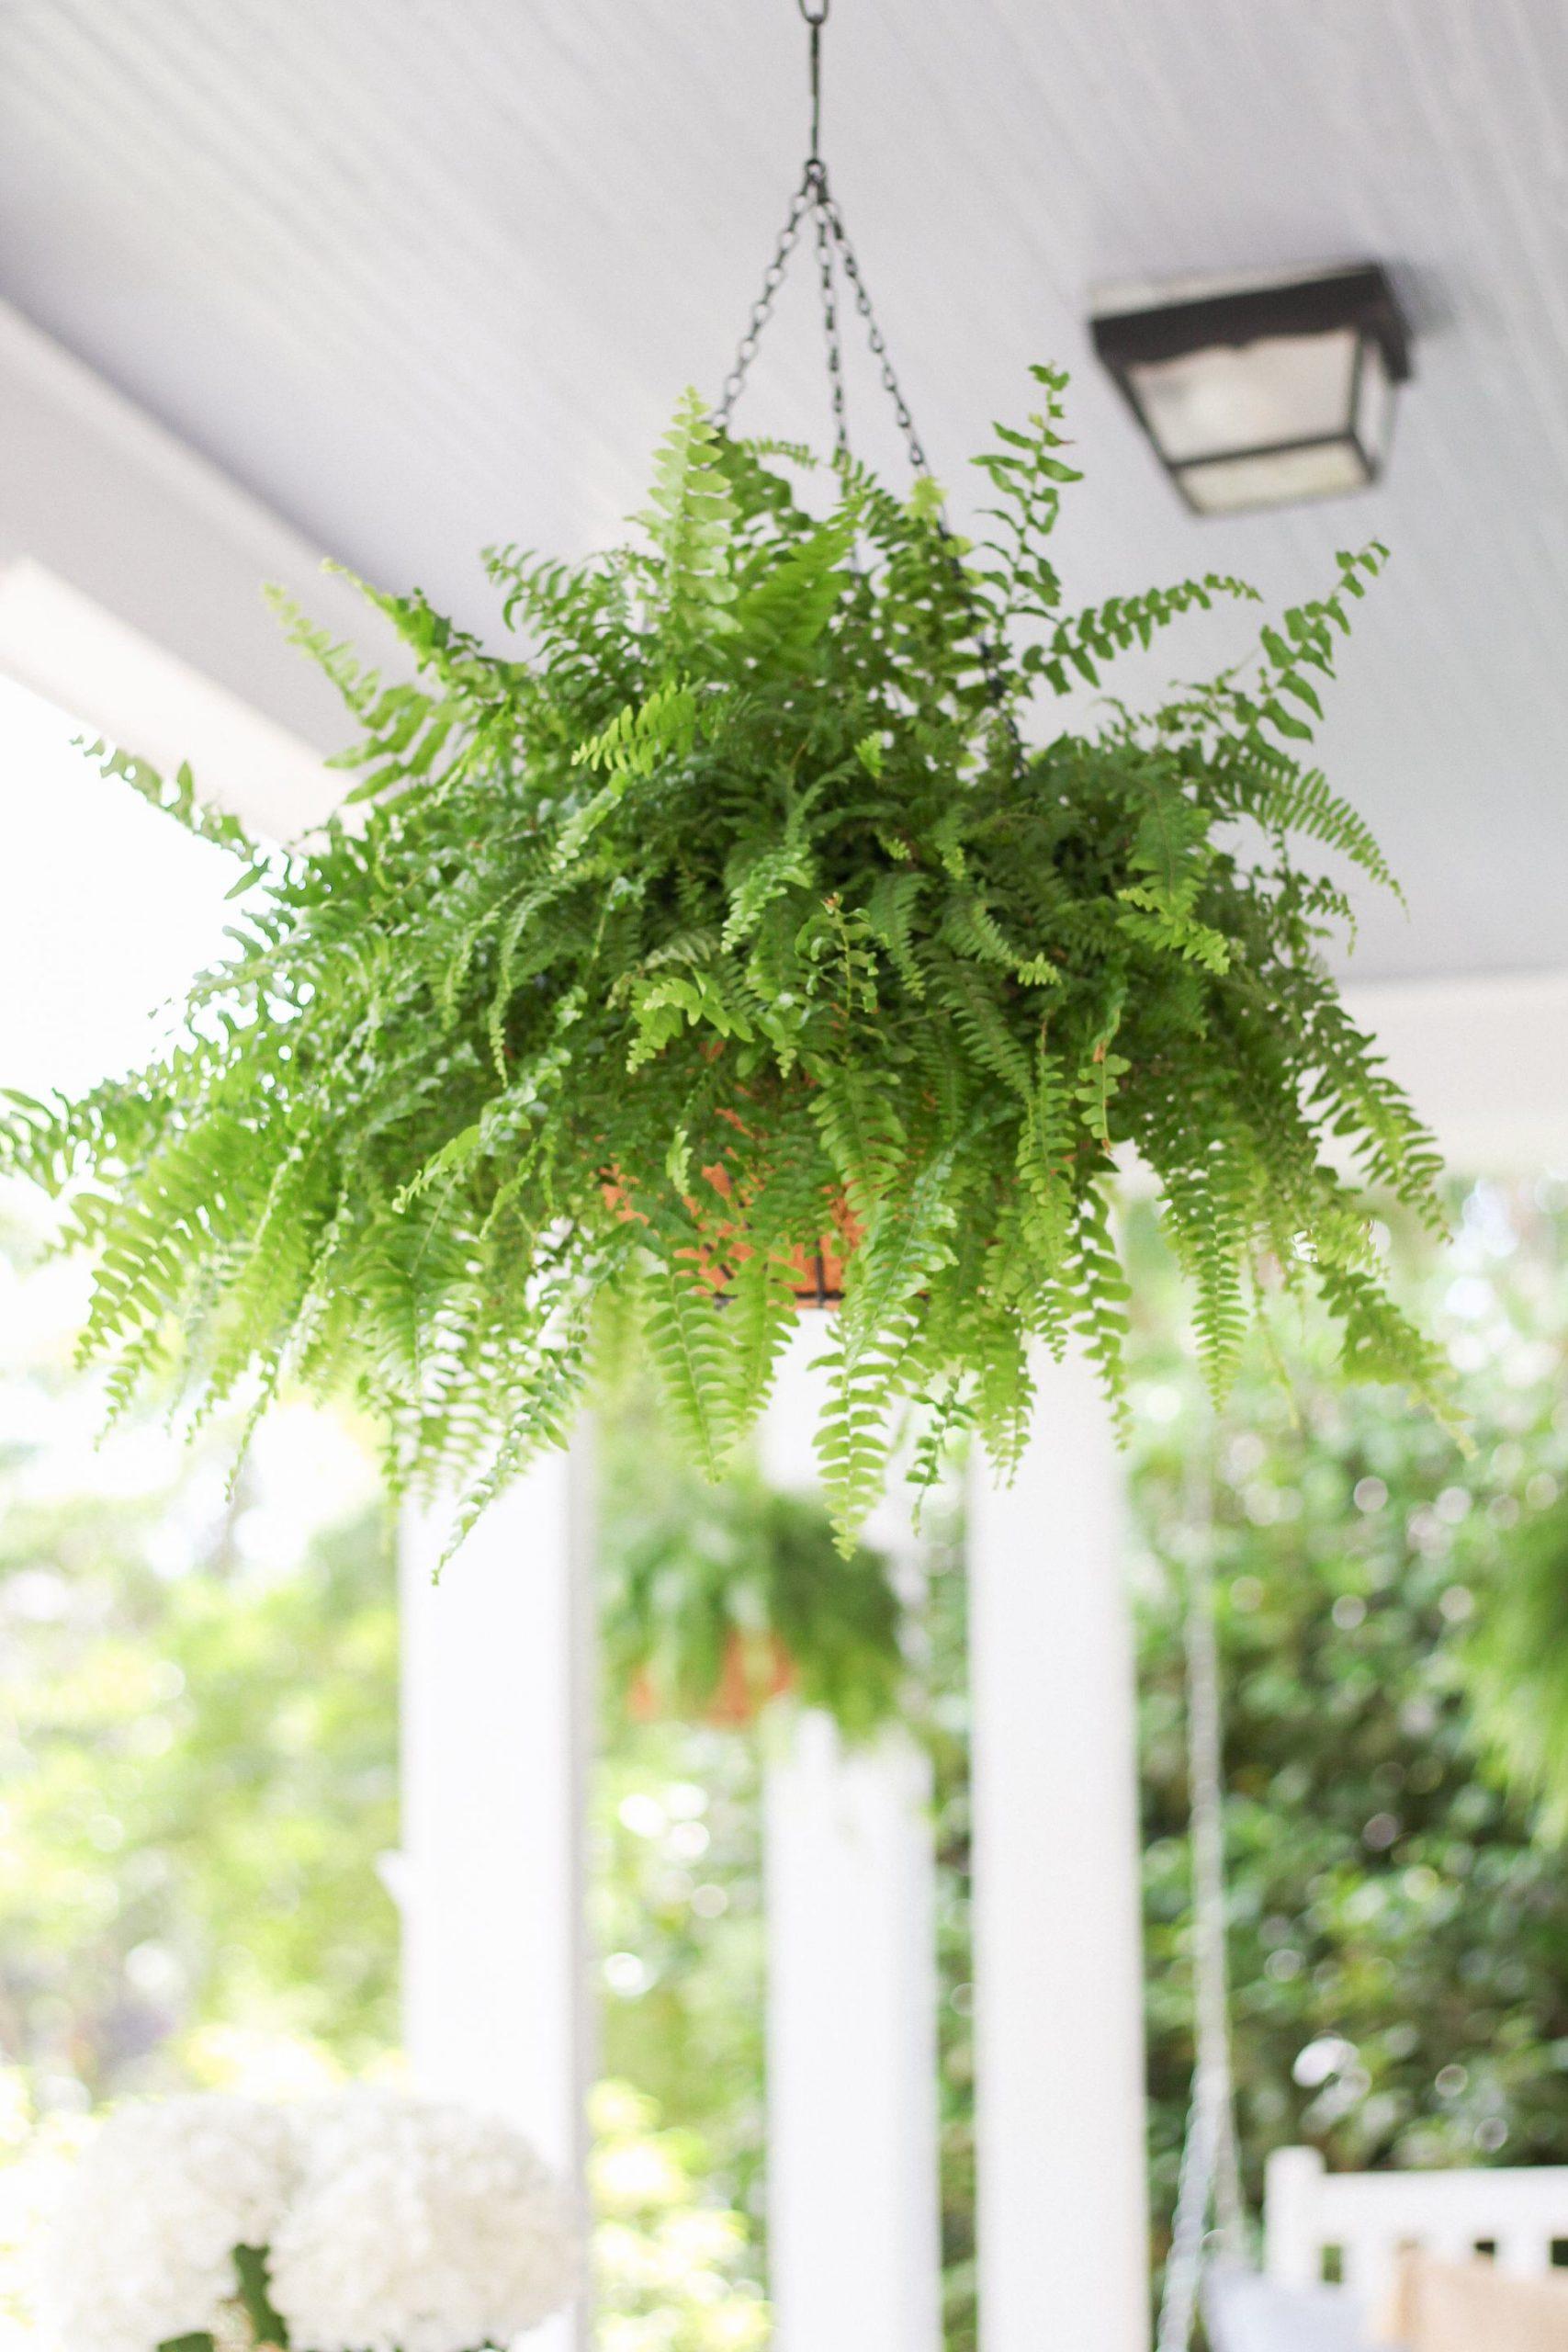 boston fern with hanging basket